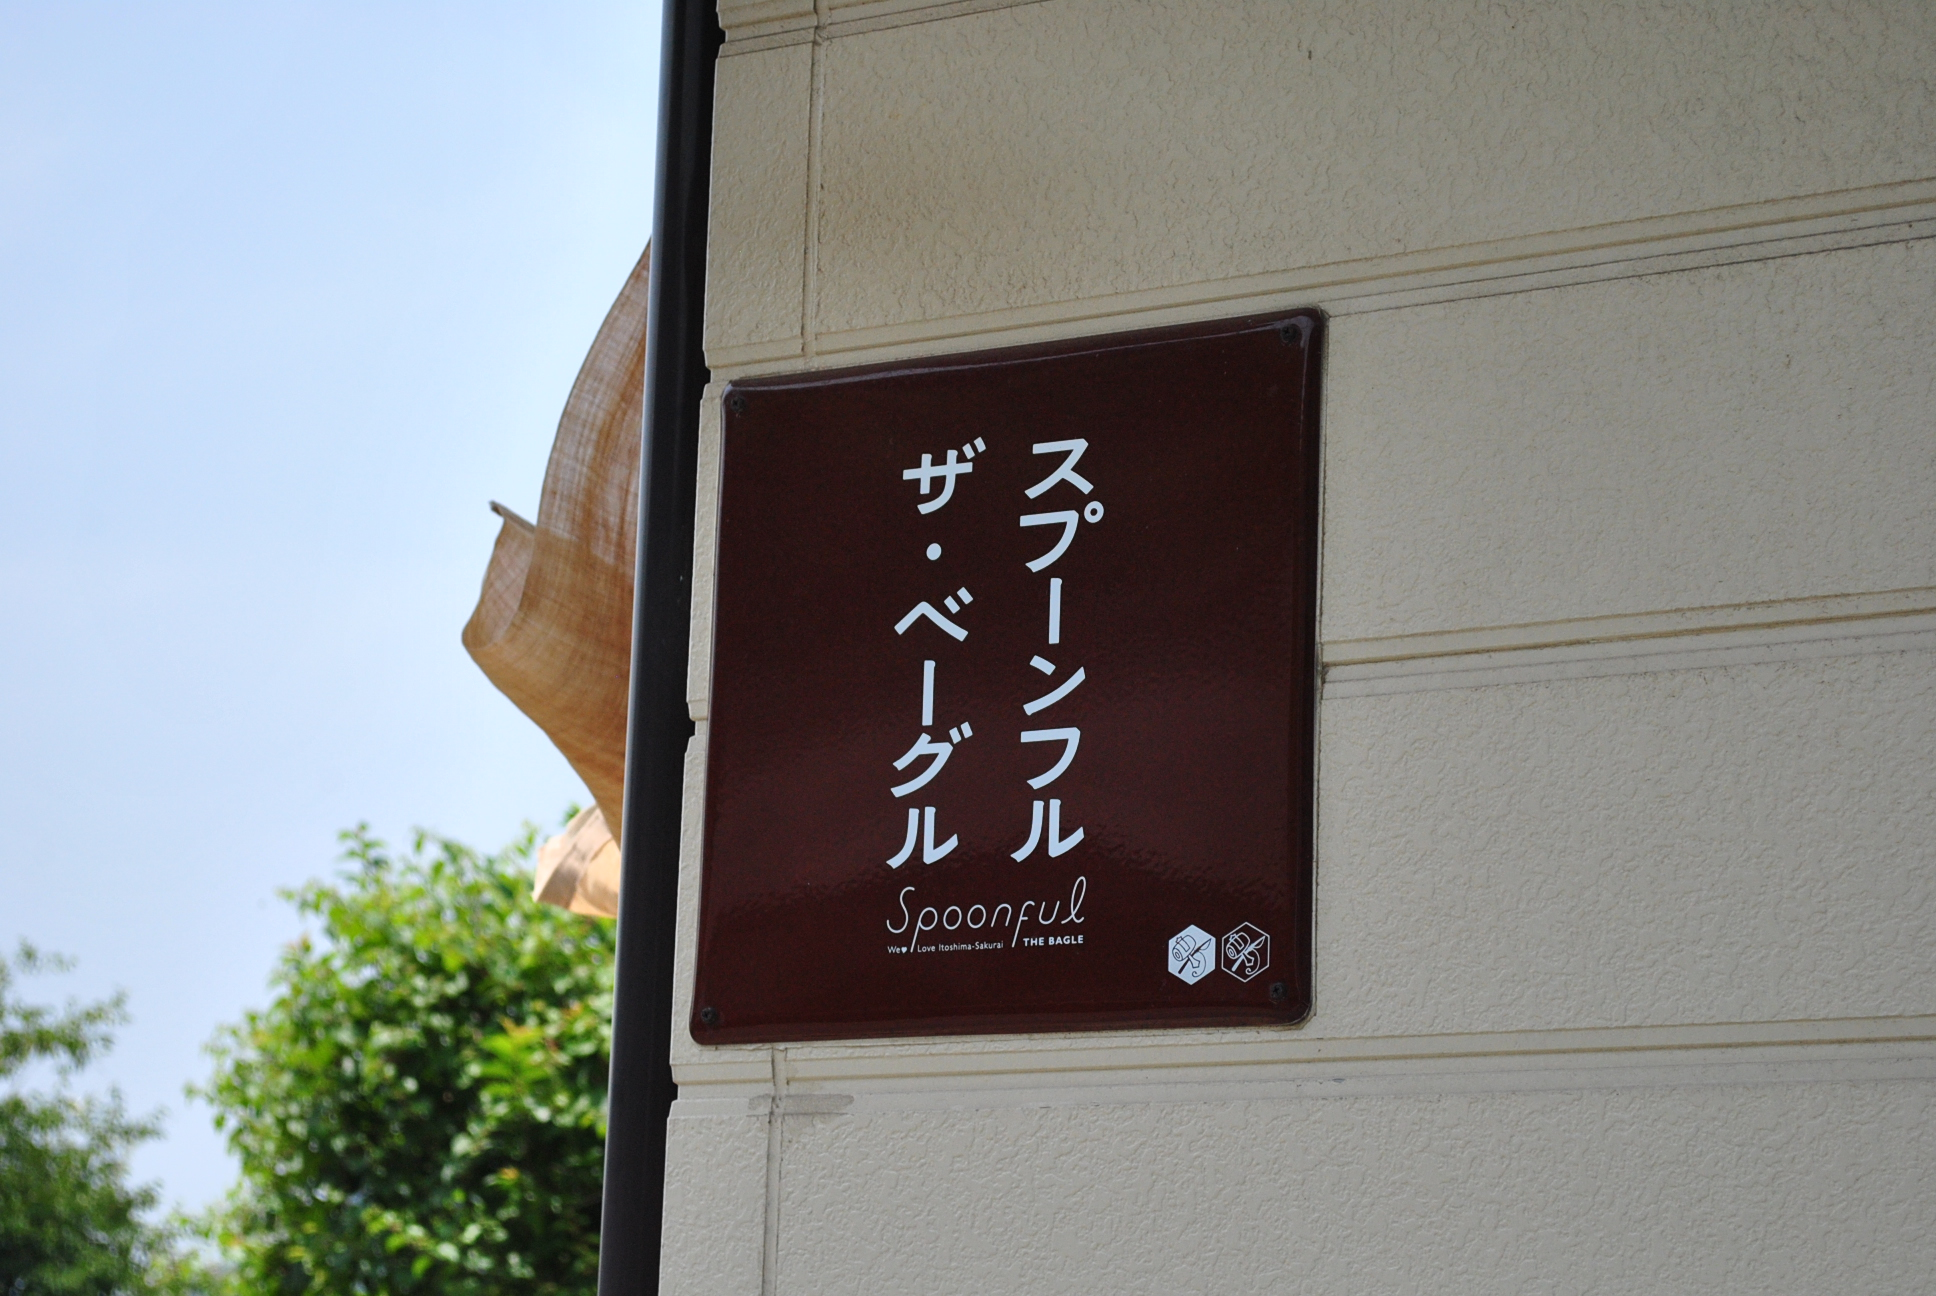 安心素材のやさしいベーグル。糸島市のSpoonful THE BAGEL。